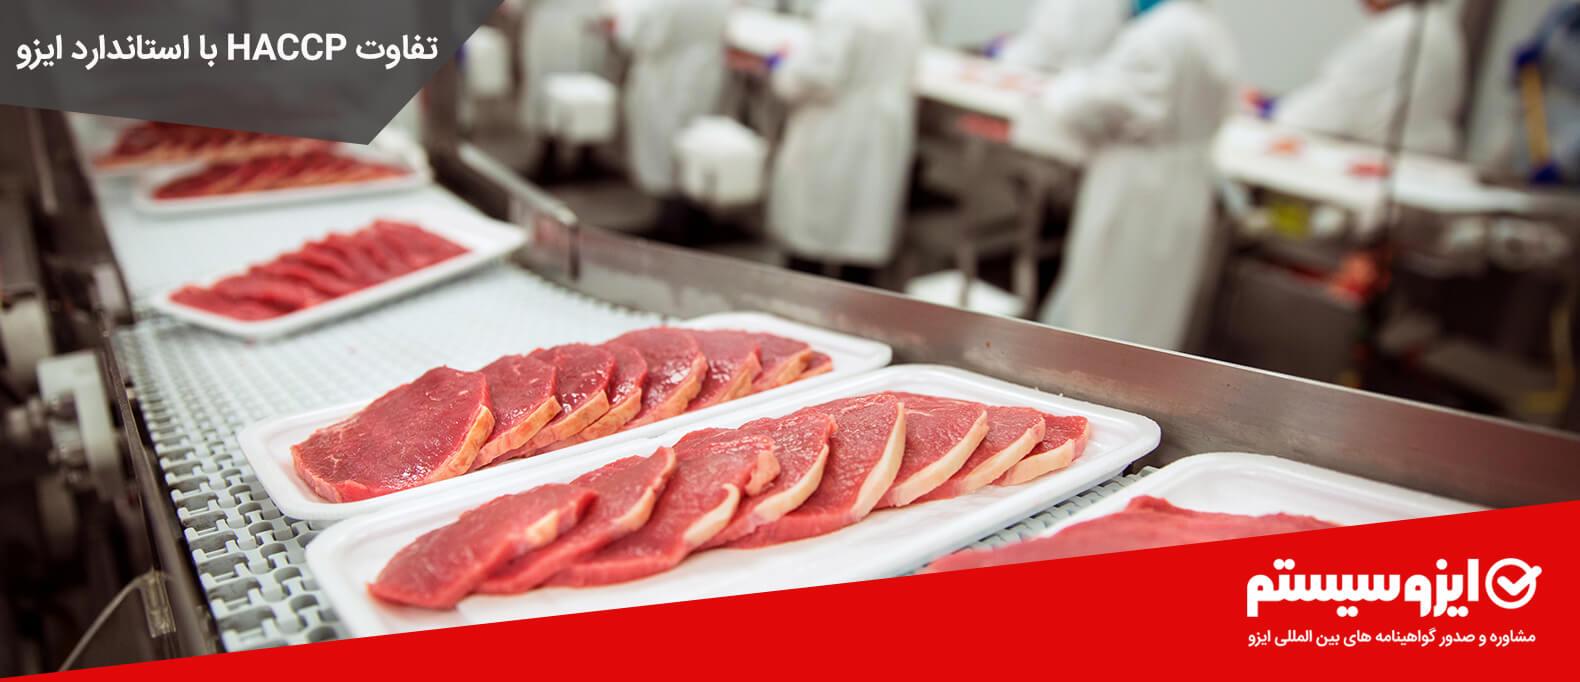 تفاوت گواهینامه های ایزو با HACCP در صنایع غذایی